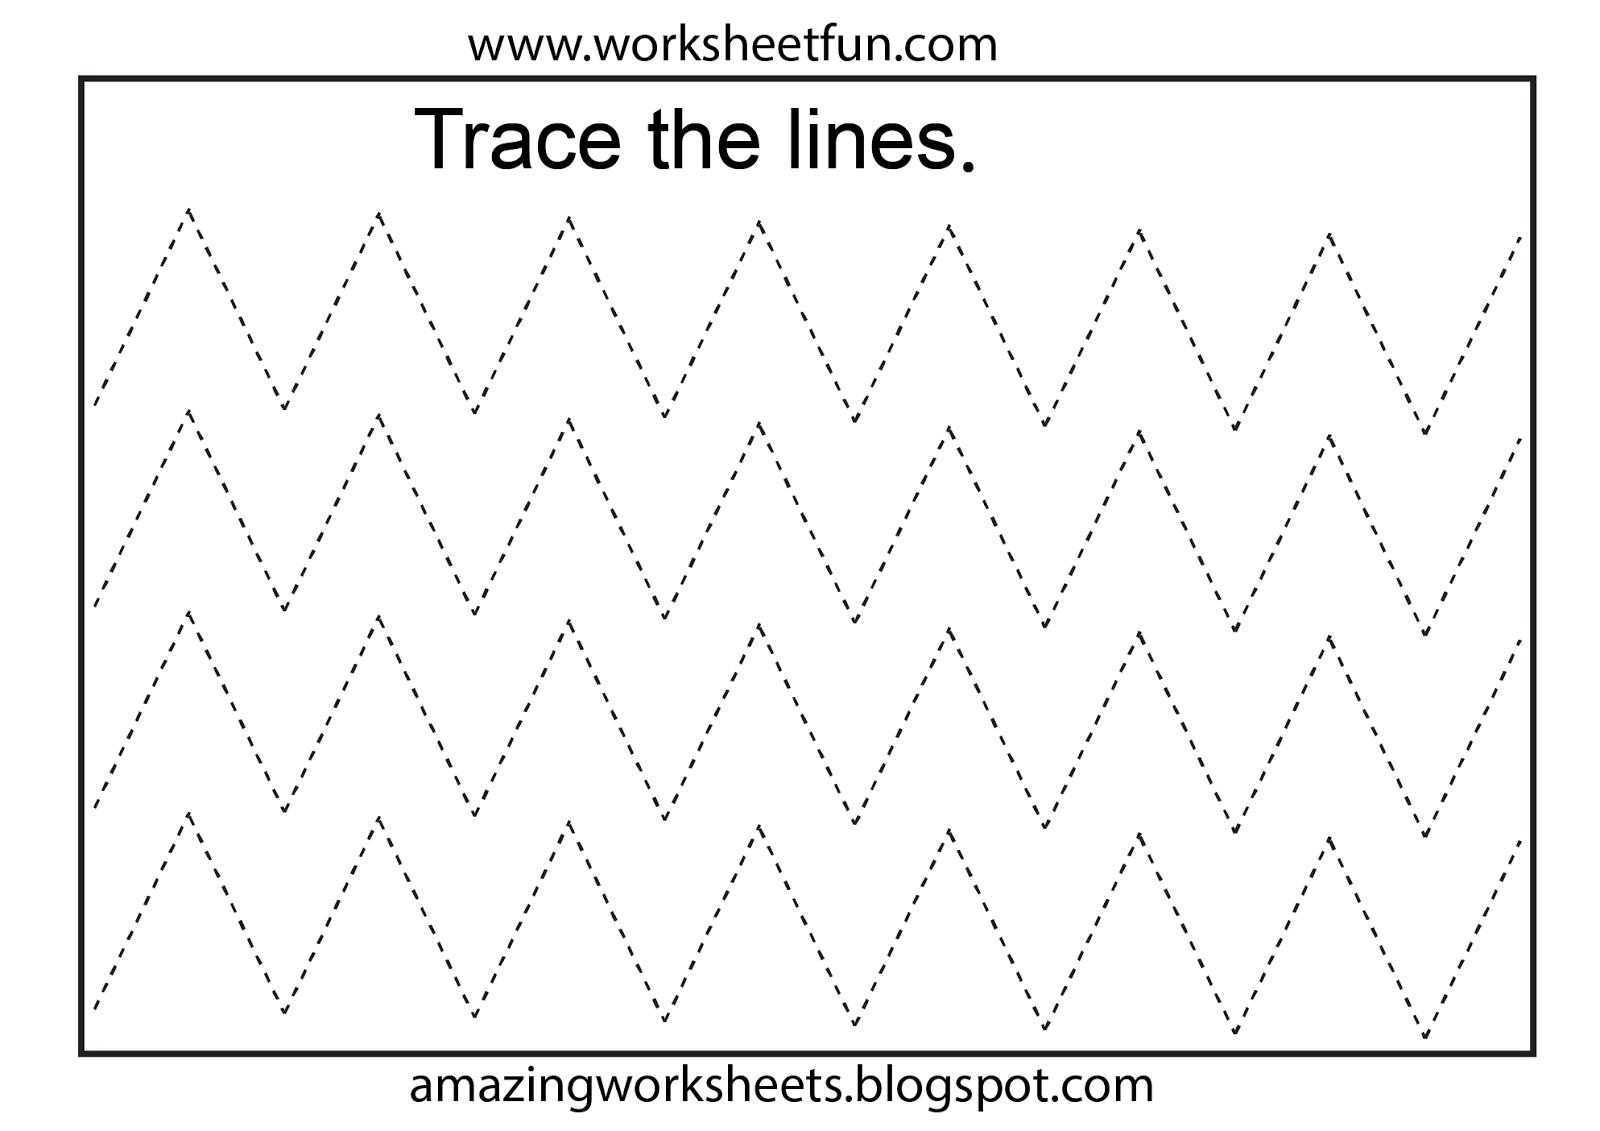 Free Printable Tracing Worksheets Preschool | Preschool Worksheets - Free Printable Name Tracing Worksheets For Preschoolers